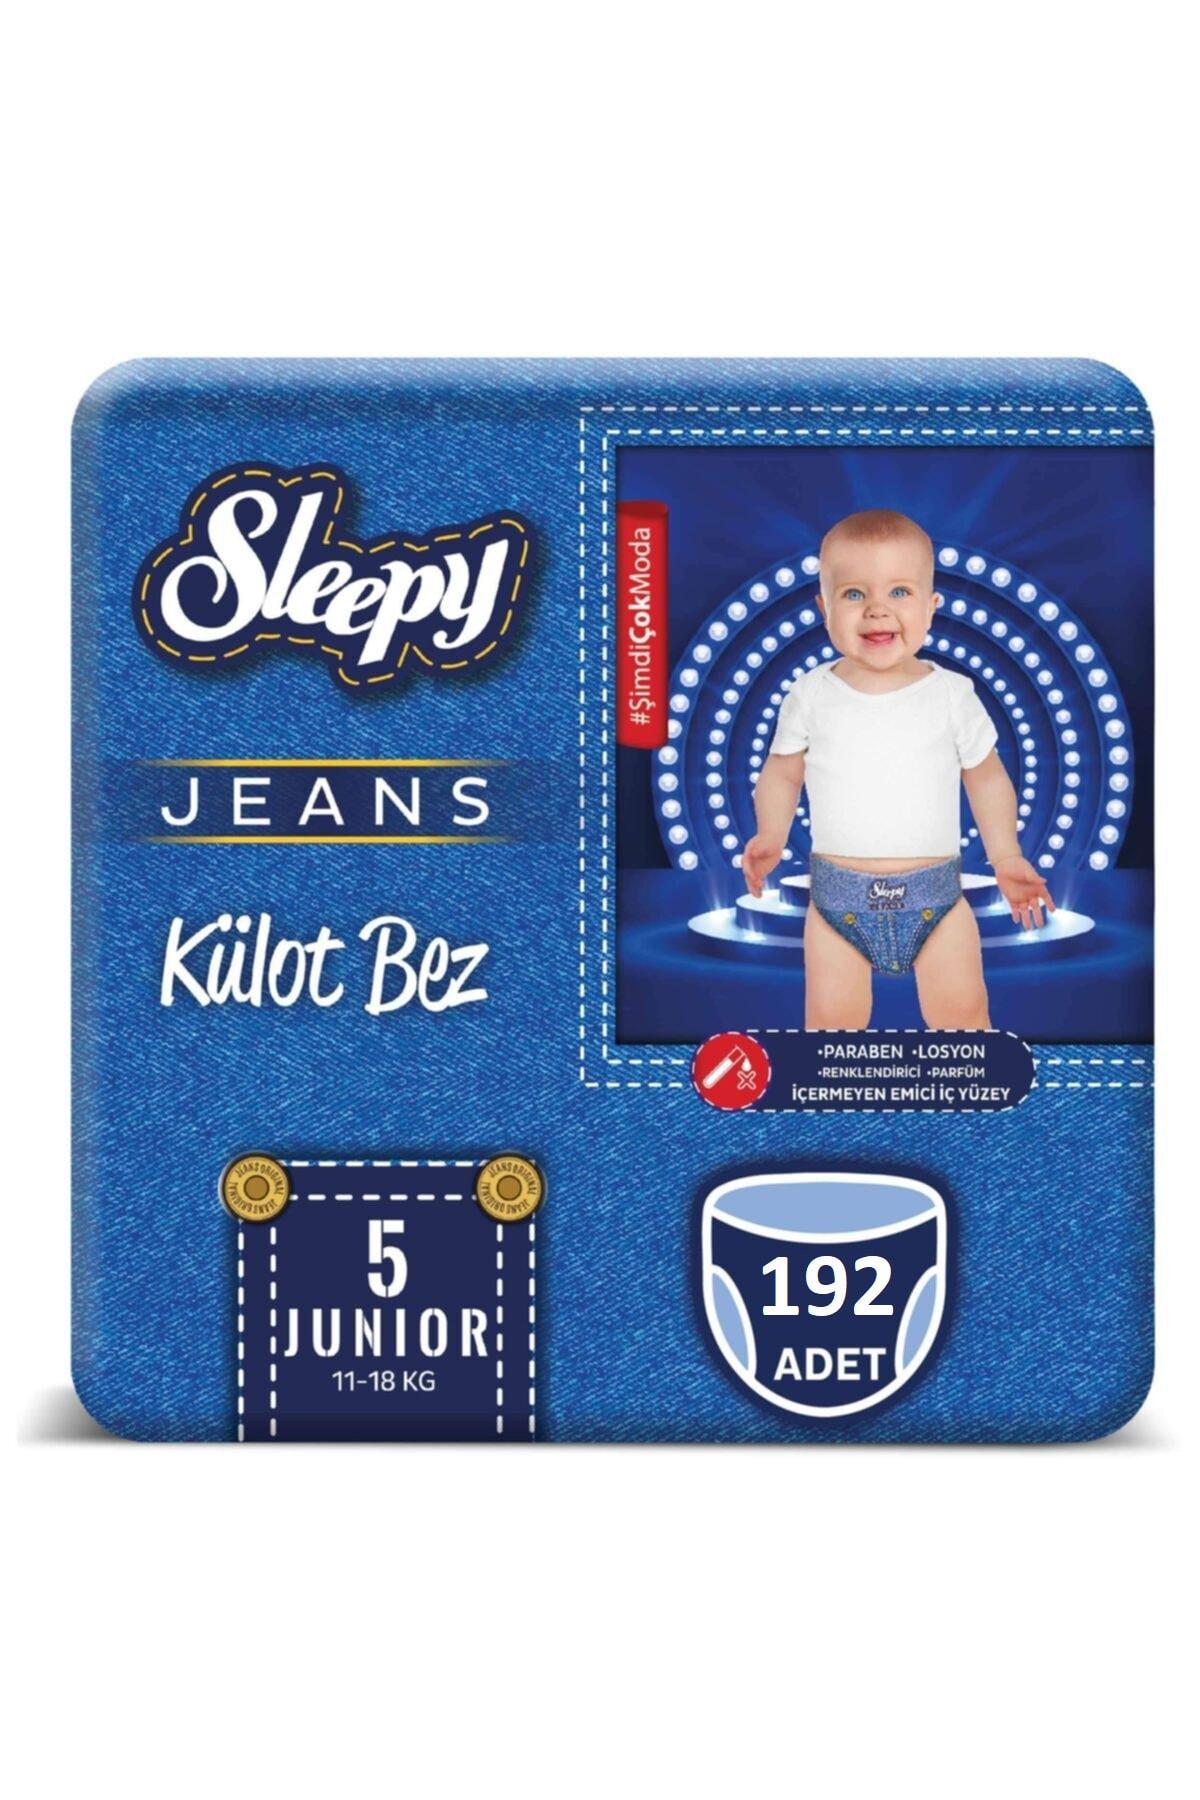 Sleepy Jeans Külot Bez 5 Beden Numara 192 Adet 11-18 Kg 1